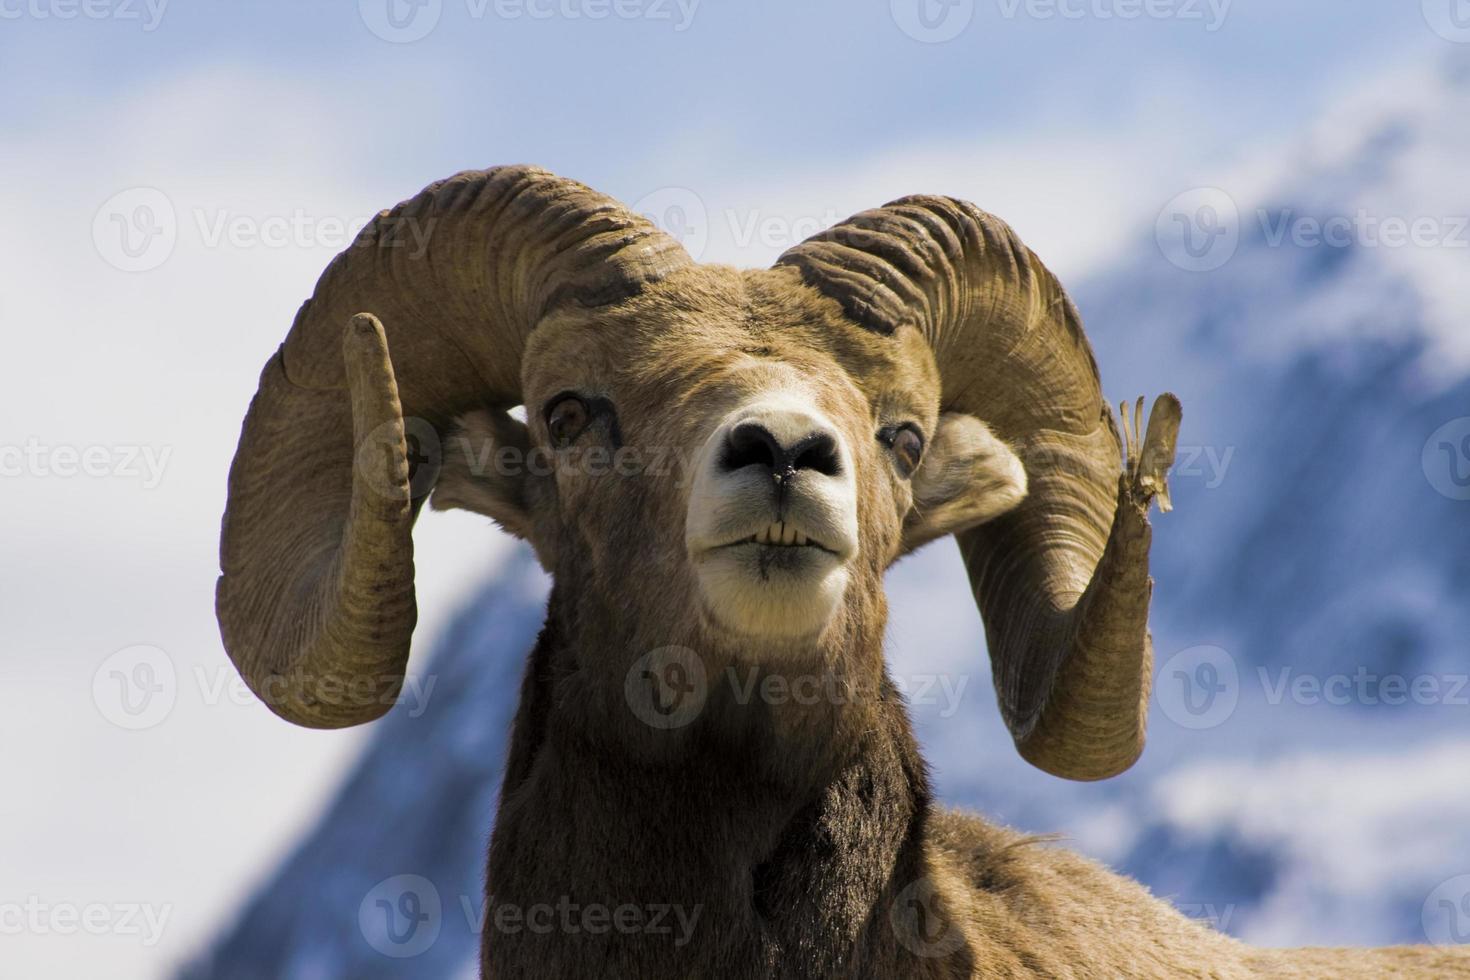 cabeza de oveja con cuernos grandes foto